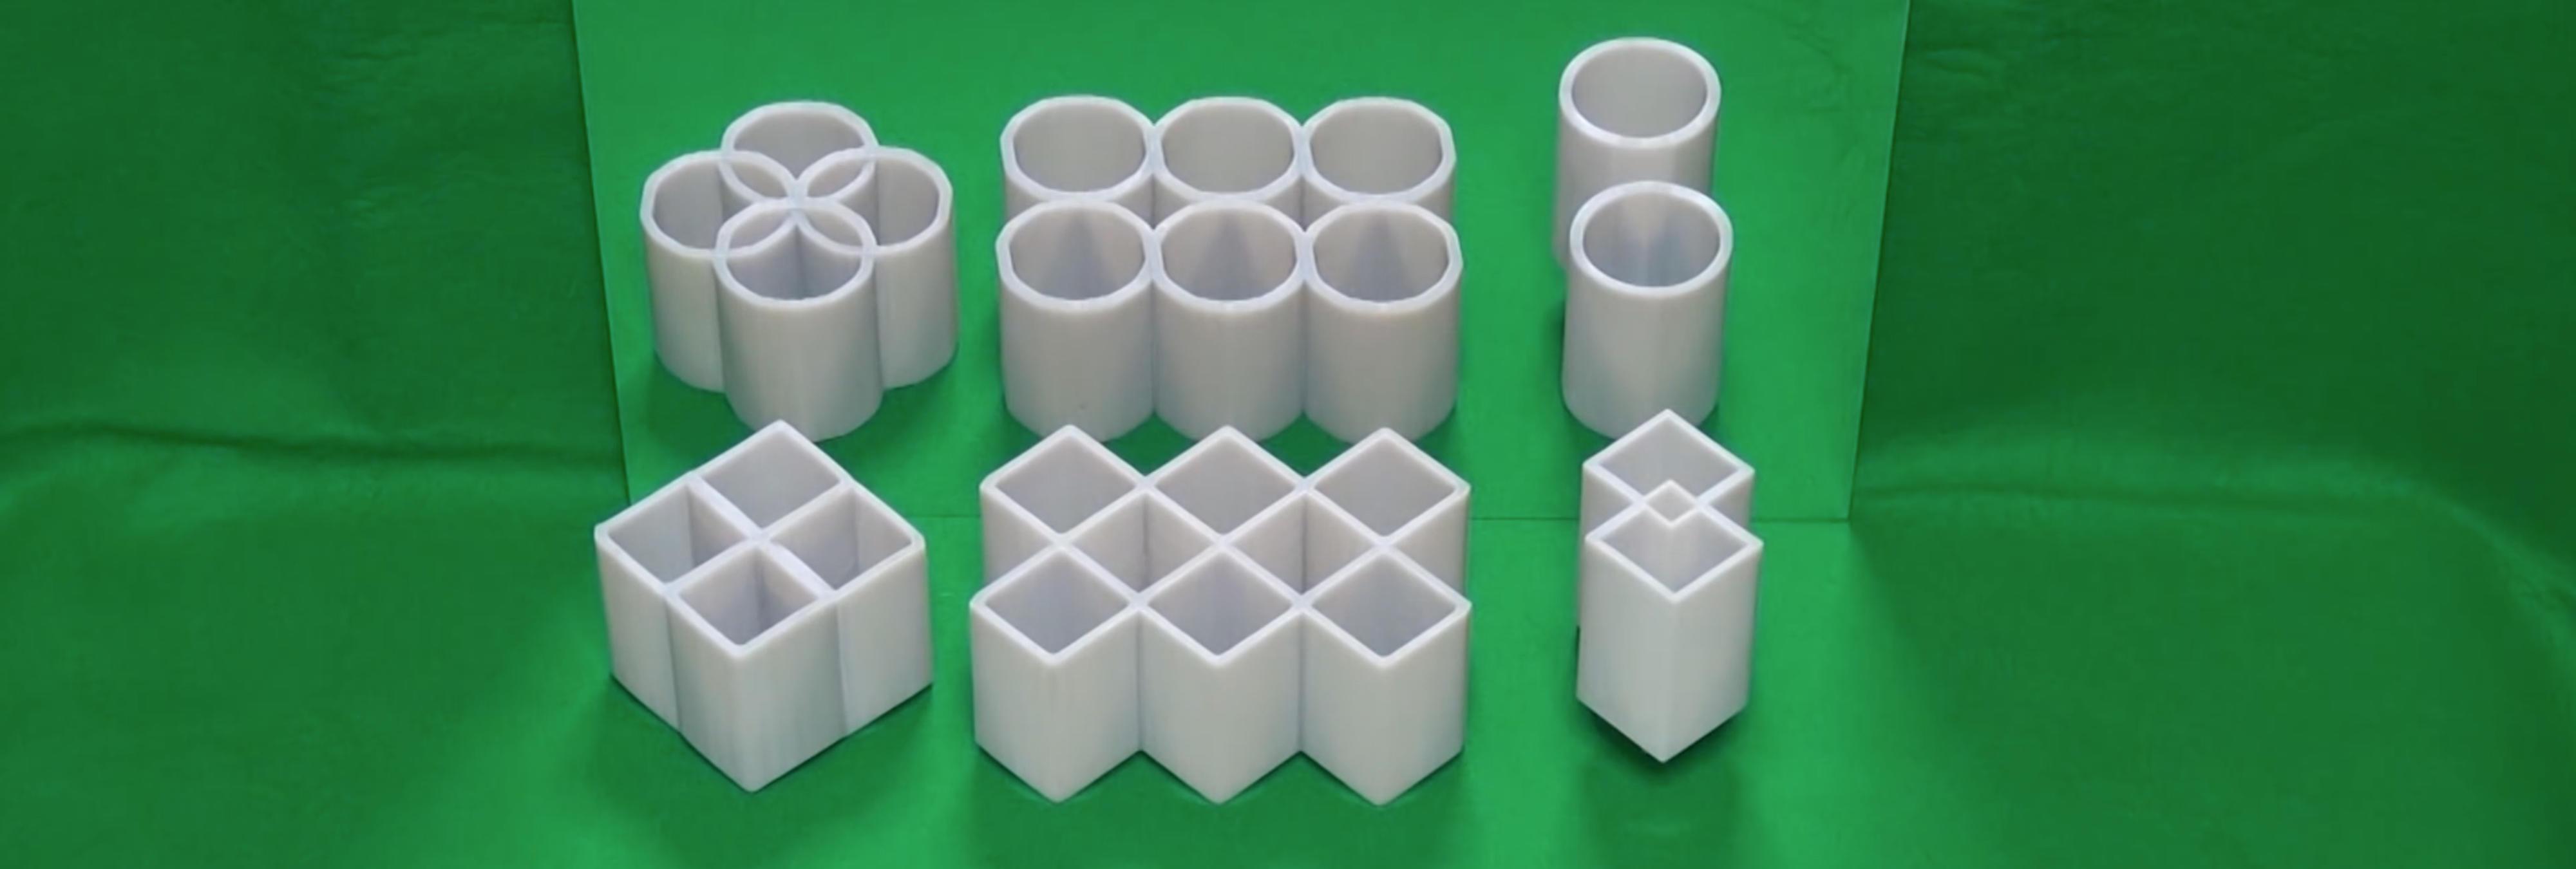 ¿Círculos o cuadrados? ¿Cuál es la verdadera forma de esta figura geométrica?